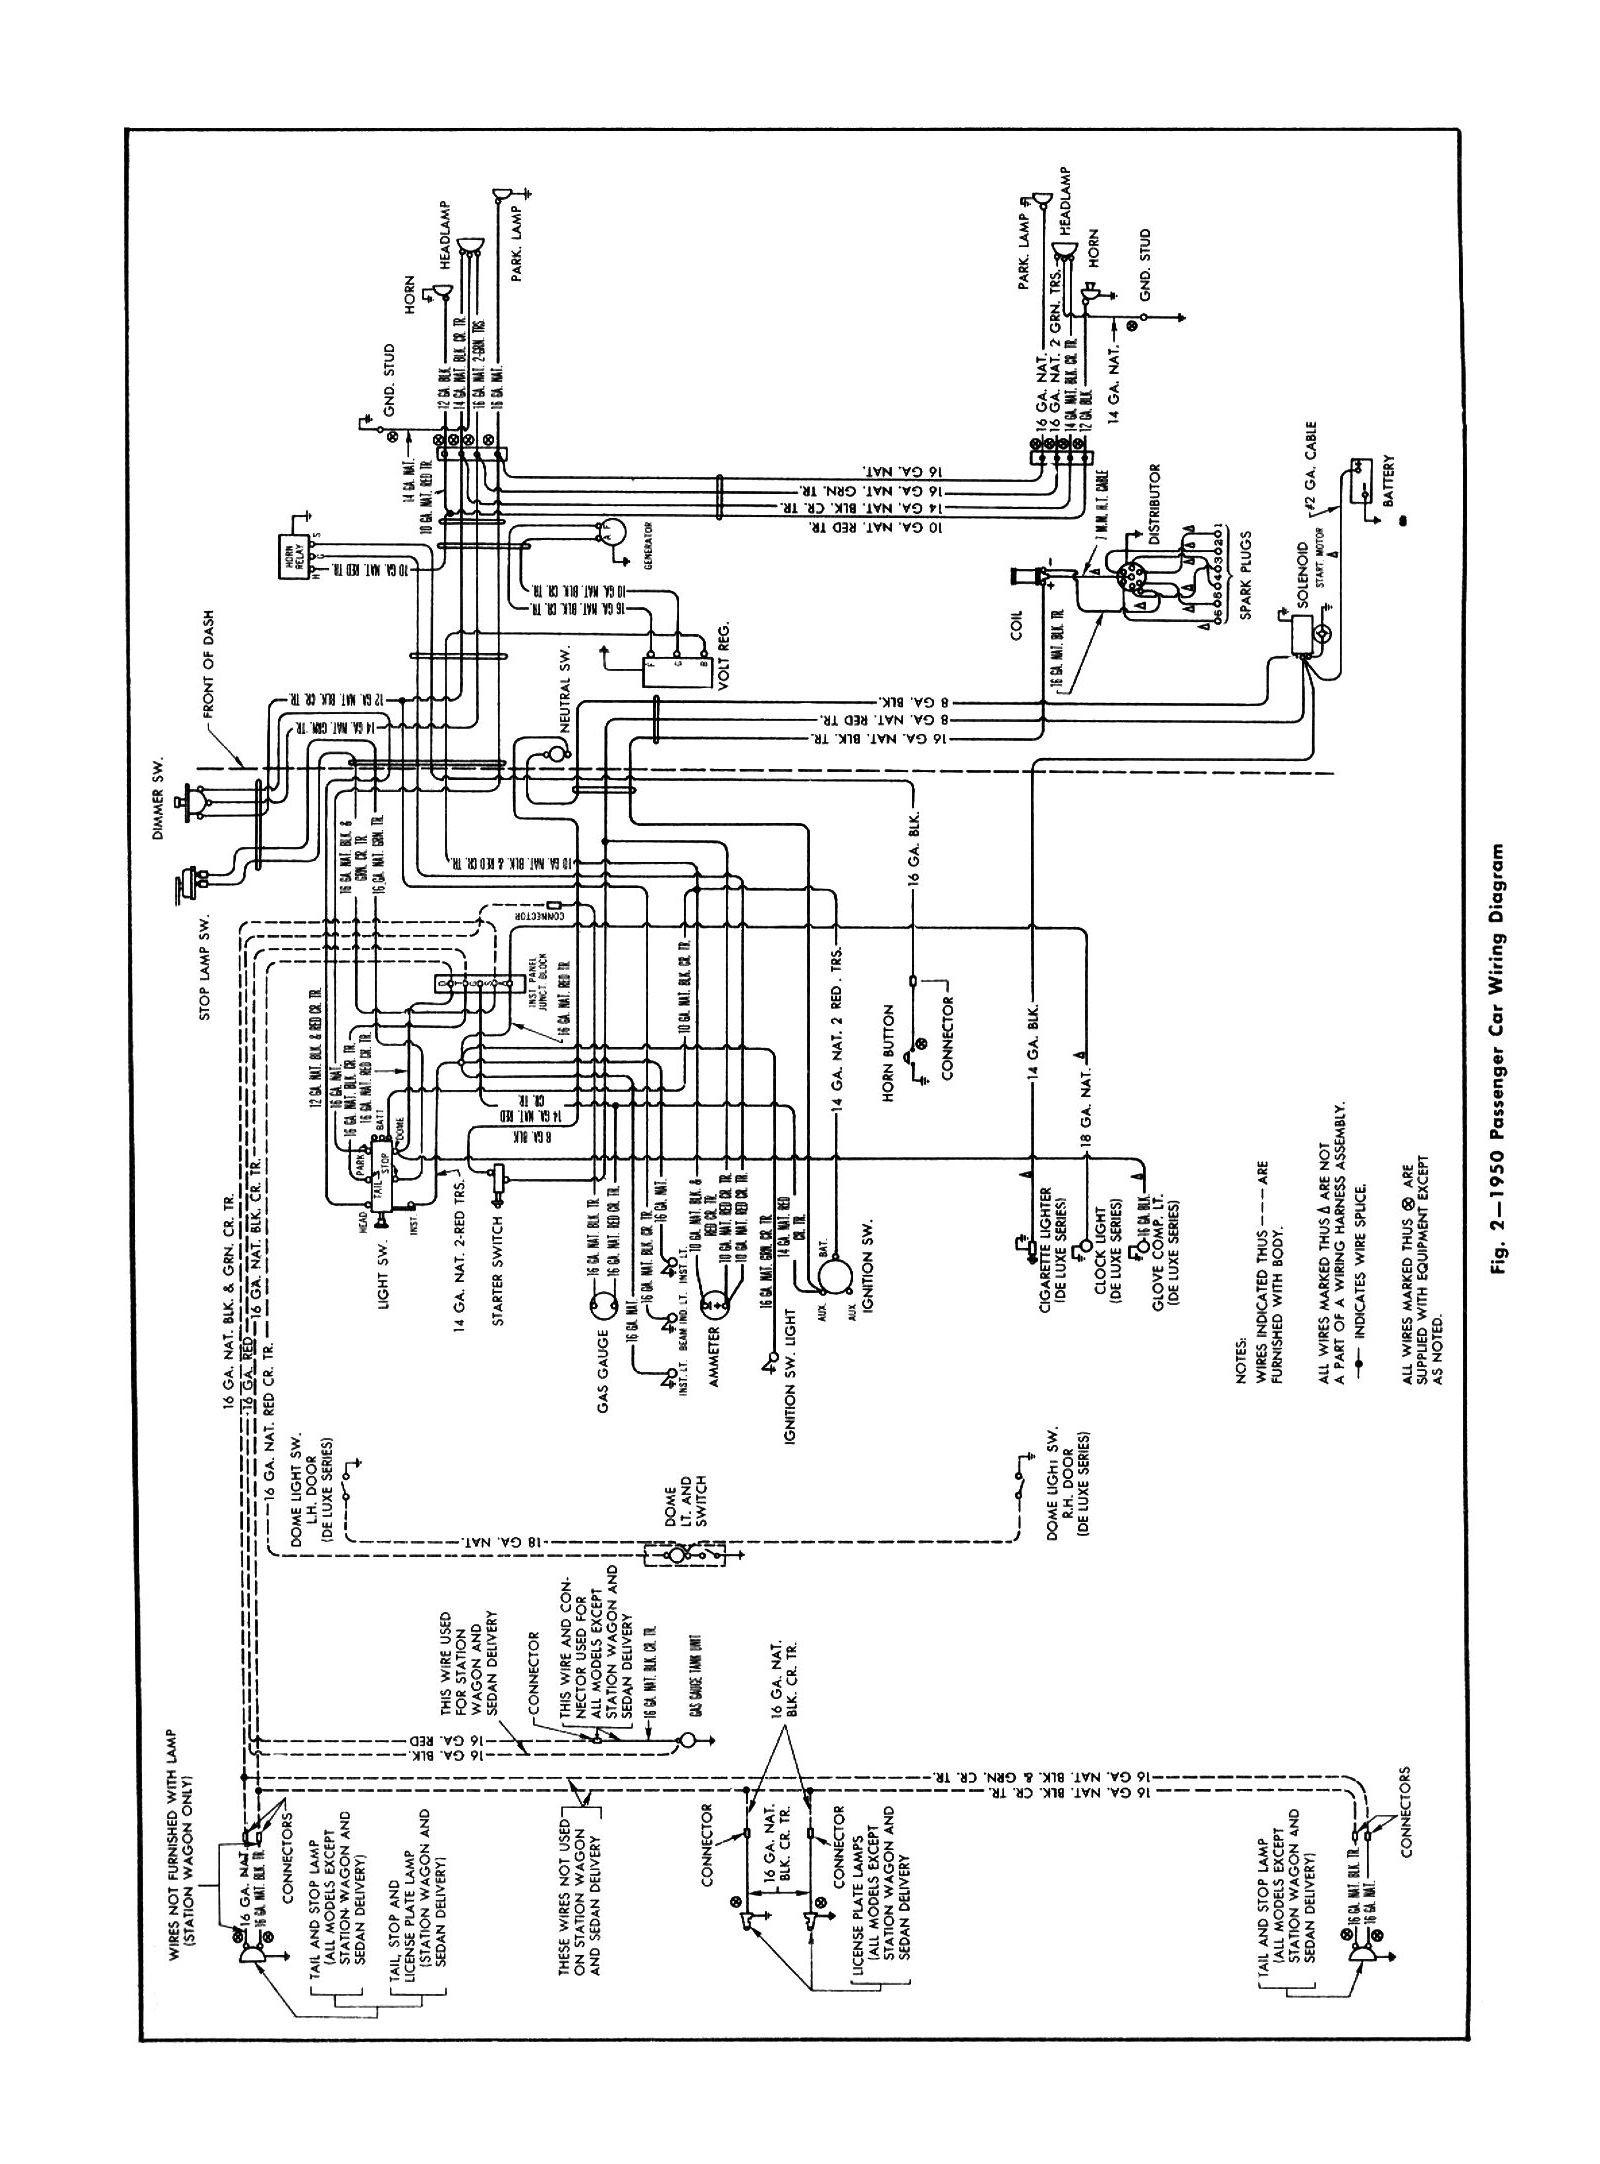 Pleasing Studebaker Wiring Diagrams Wiring Library Wiring Cloud Cranvenetmohammedshrineorg